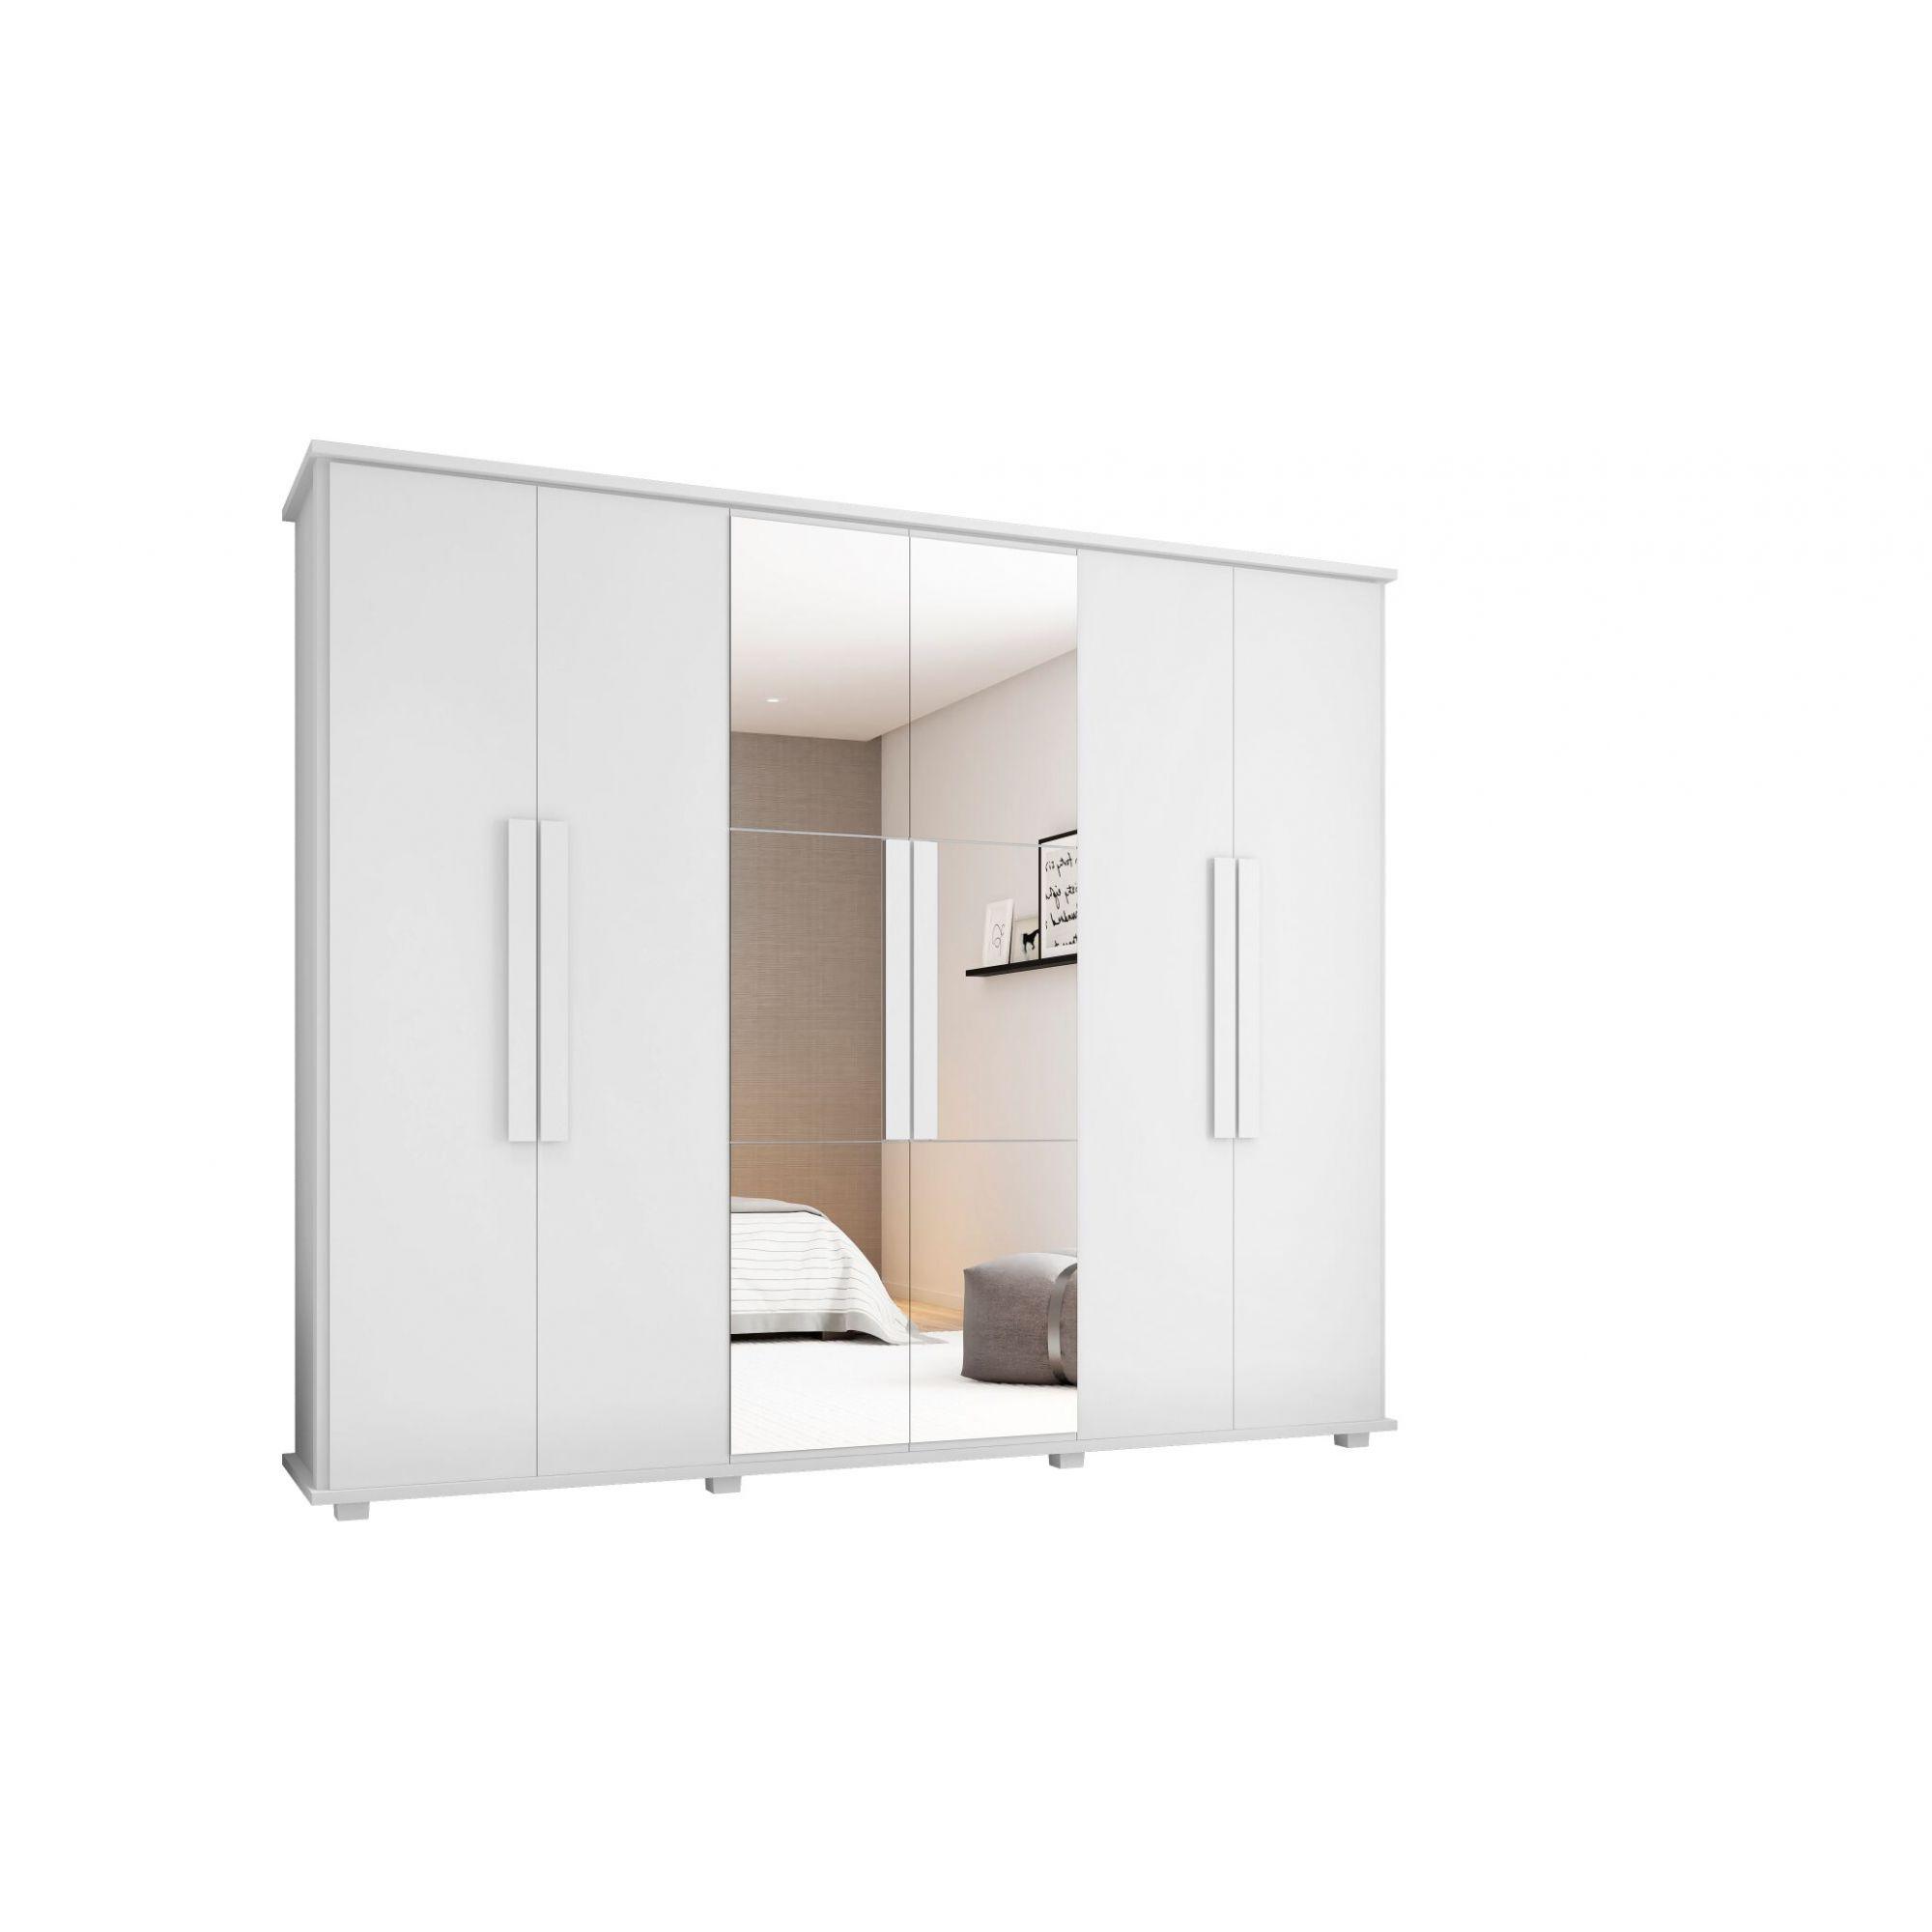 Roupeiro Canadá 6 portas 4 gavetas c/ espelho - RV Móveis